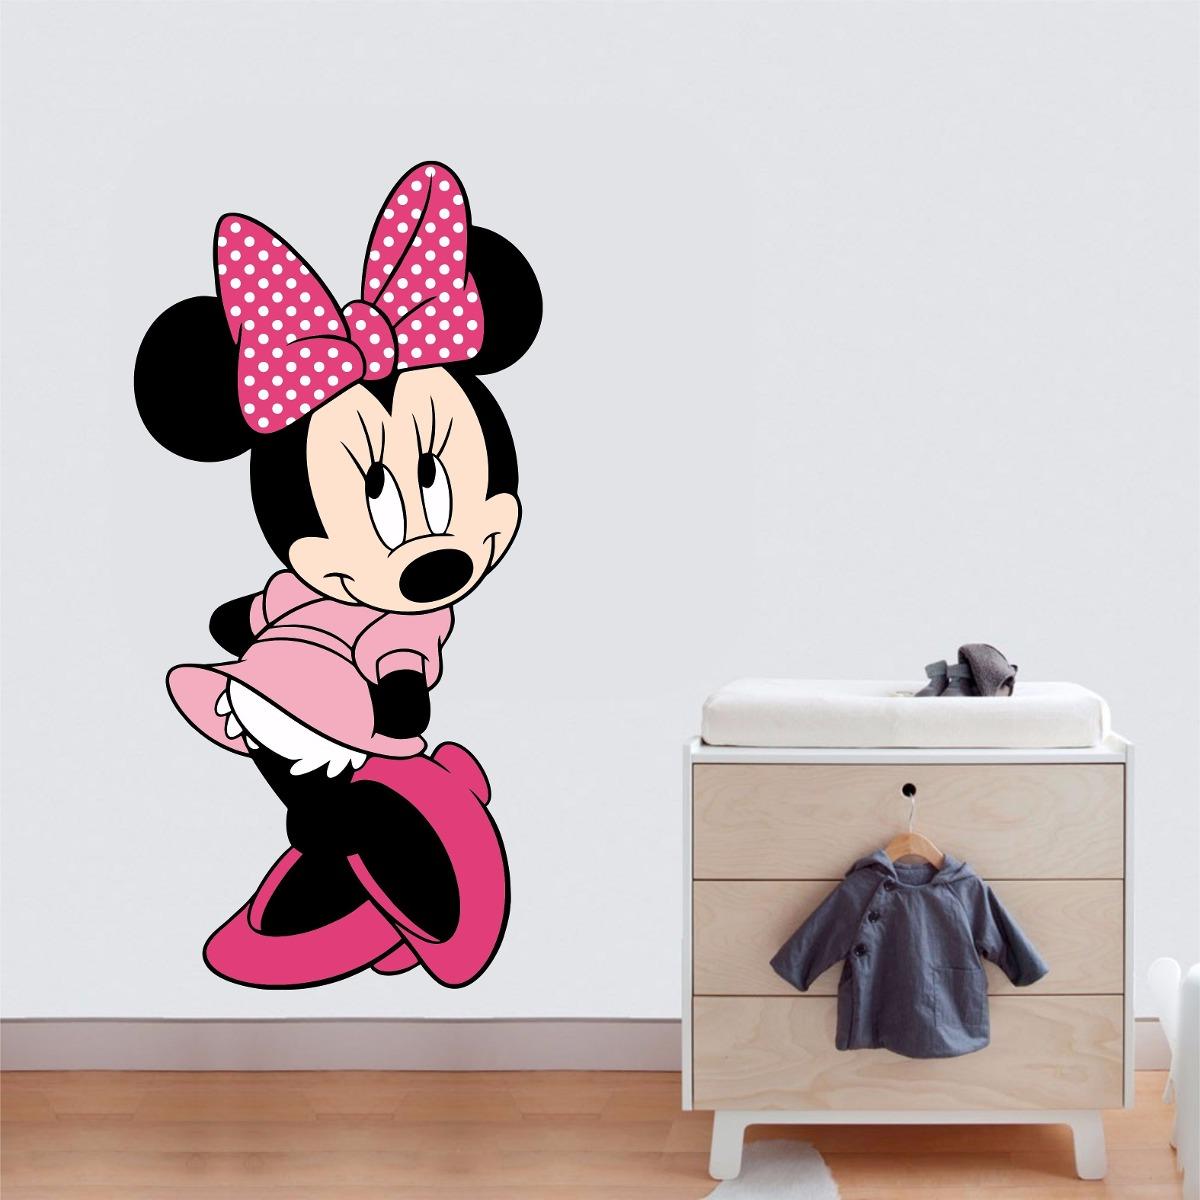 750475686c adesivo parede quarto cabeceira infantil minnie cor de rosa. Carregando  zoom.